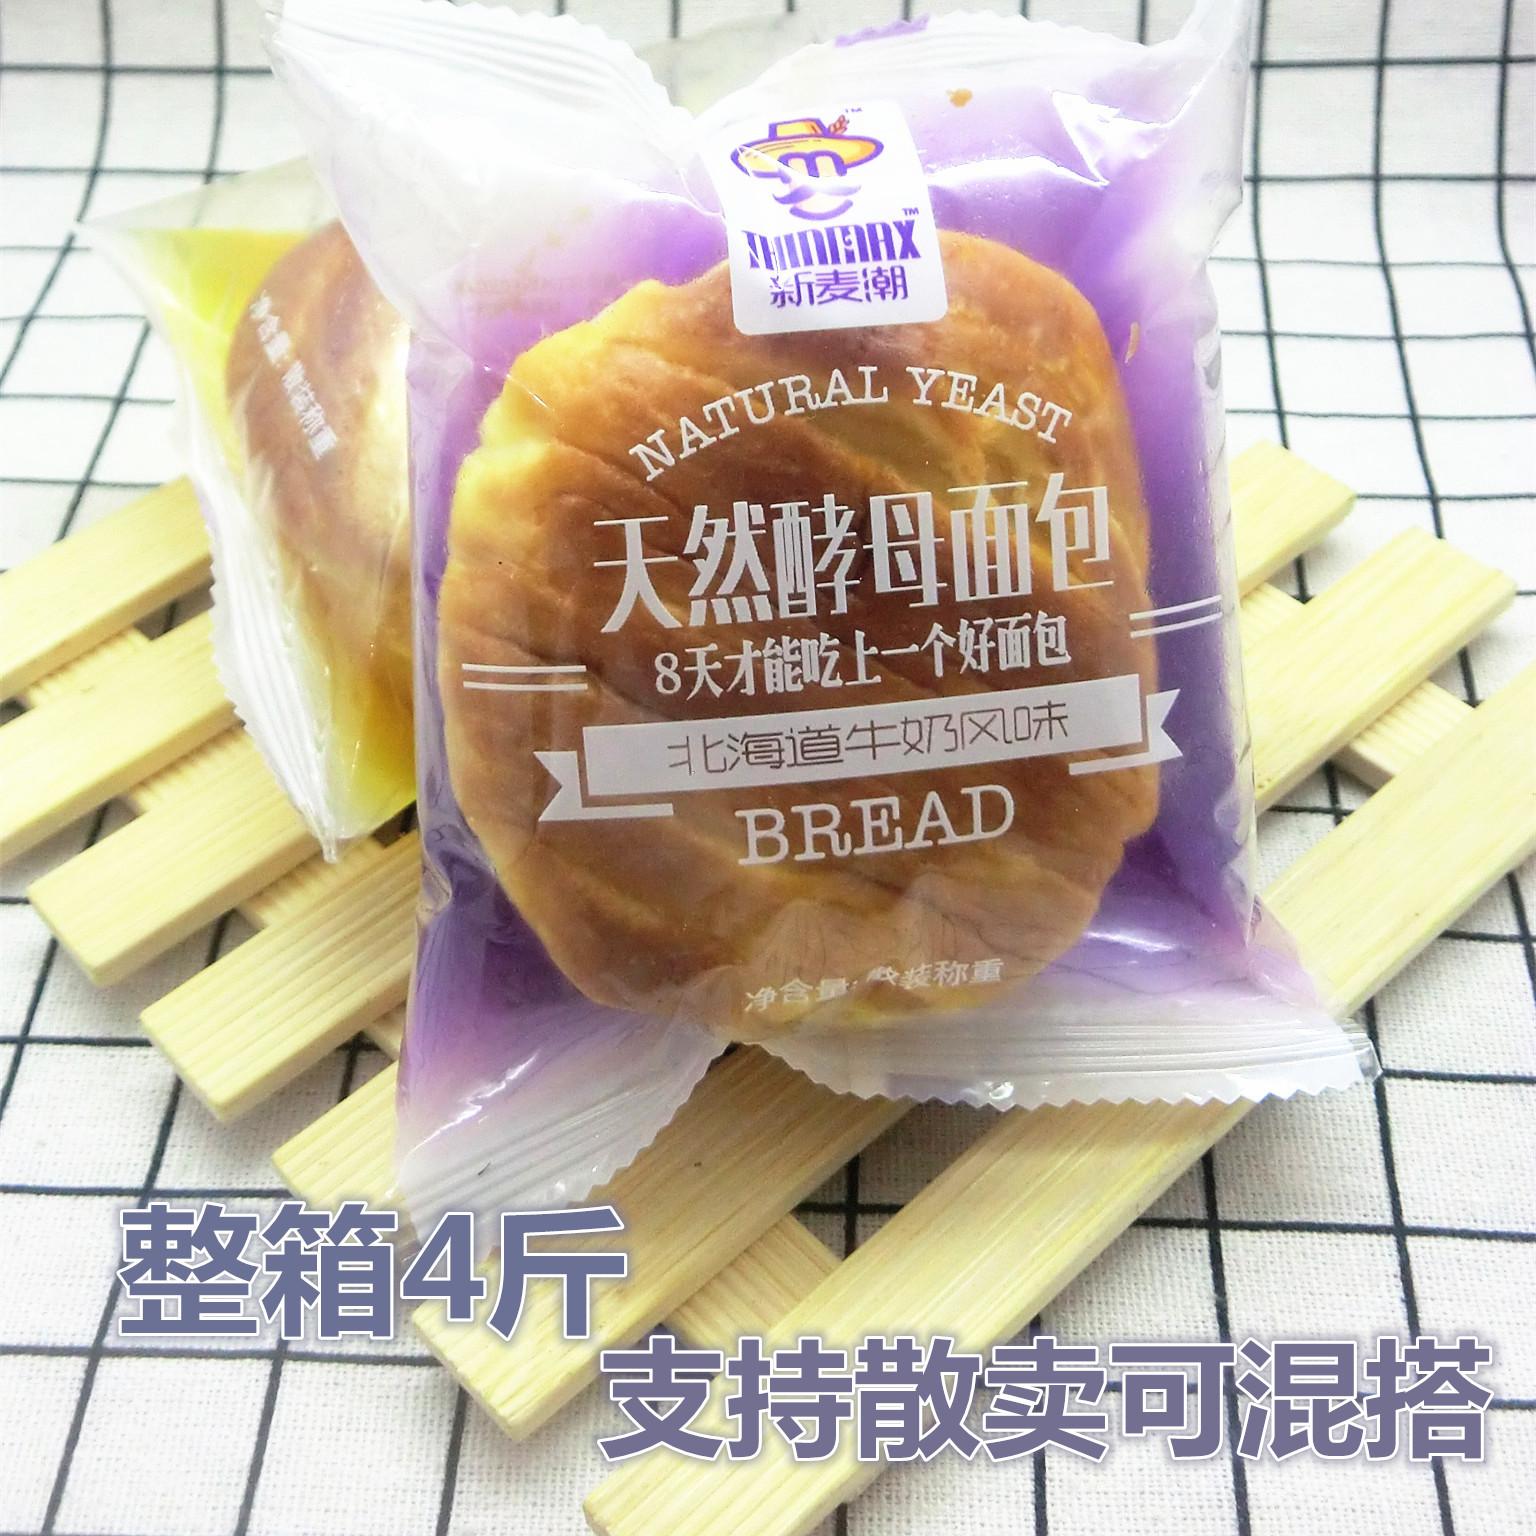 新麦潮天然酵母面包 北海道 香蕉牛奶 巧克力味 整箱4斤多省包邮